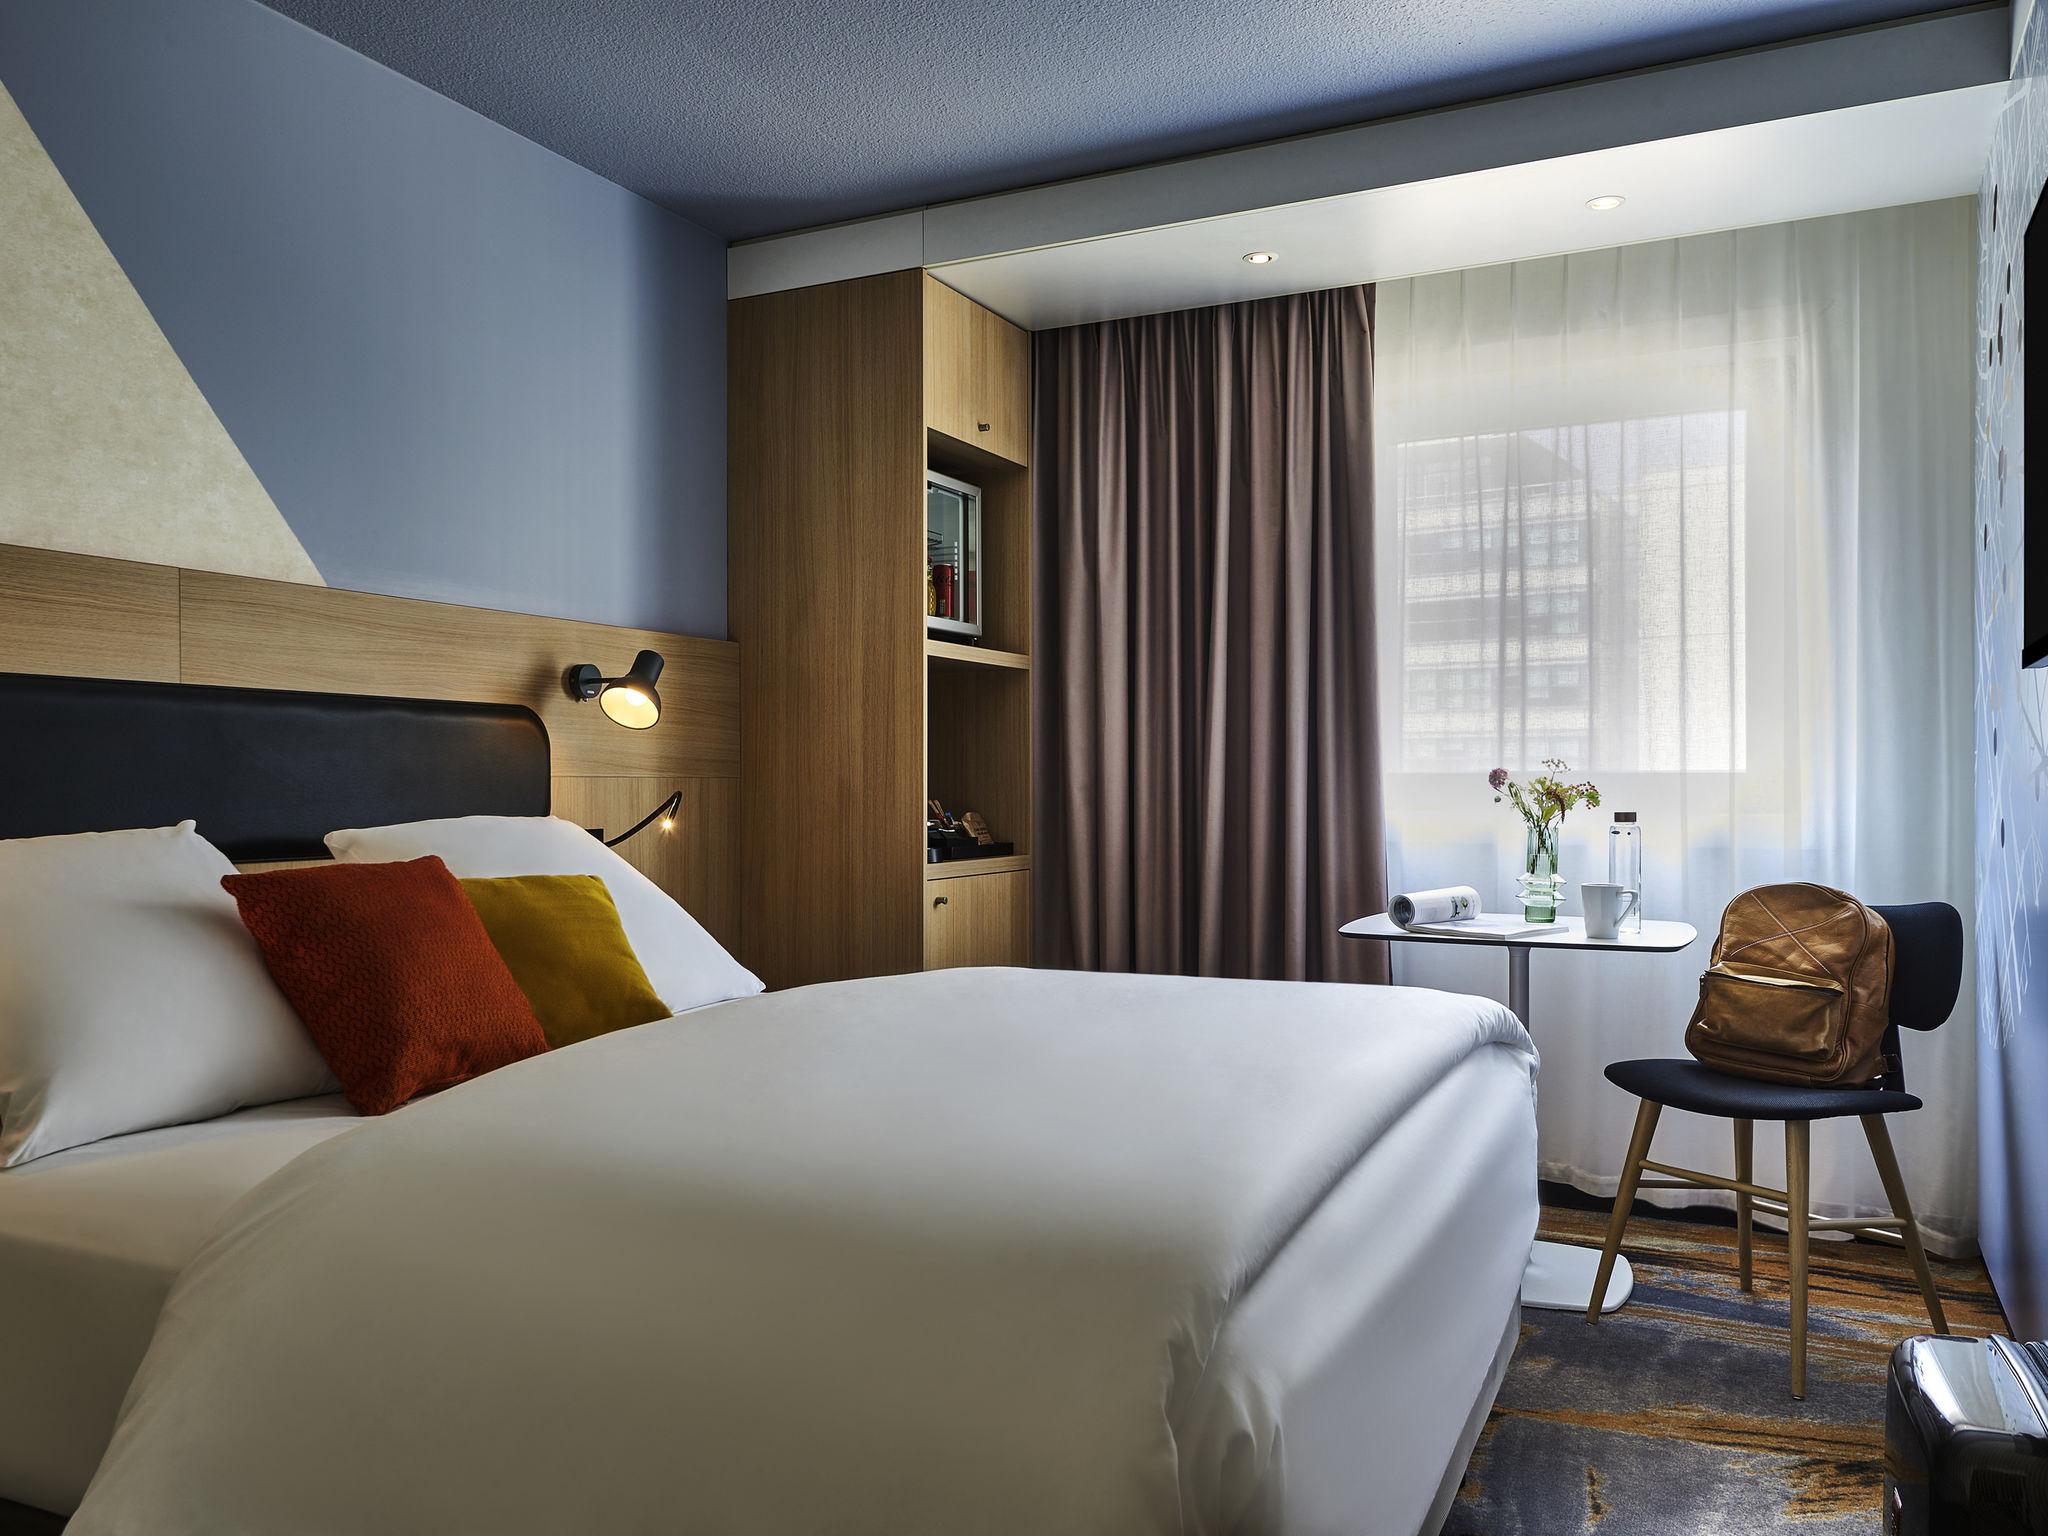 酒店 – 巴黎里昂 TGV 火车站美居酒店